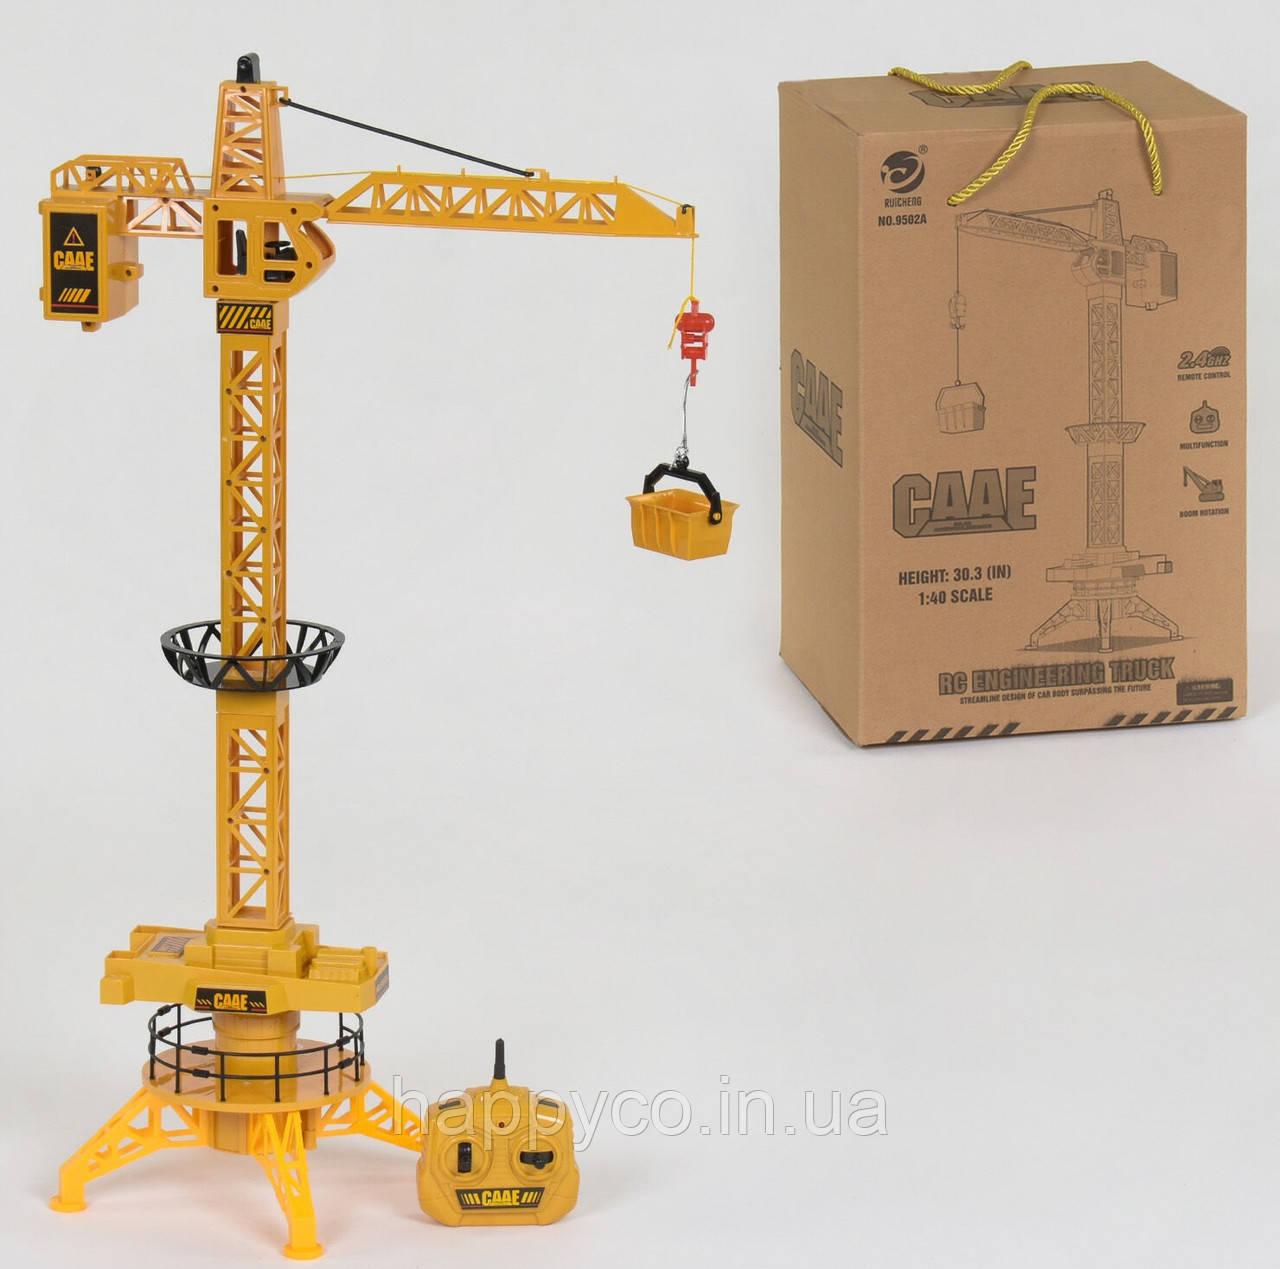 Кран строительный на радиоуправлении на батарейках, детская игрушка